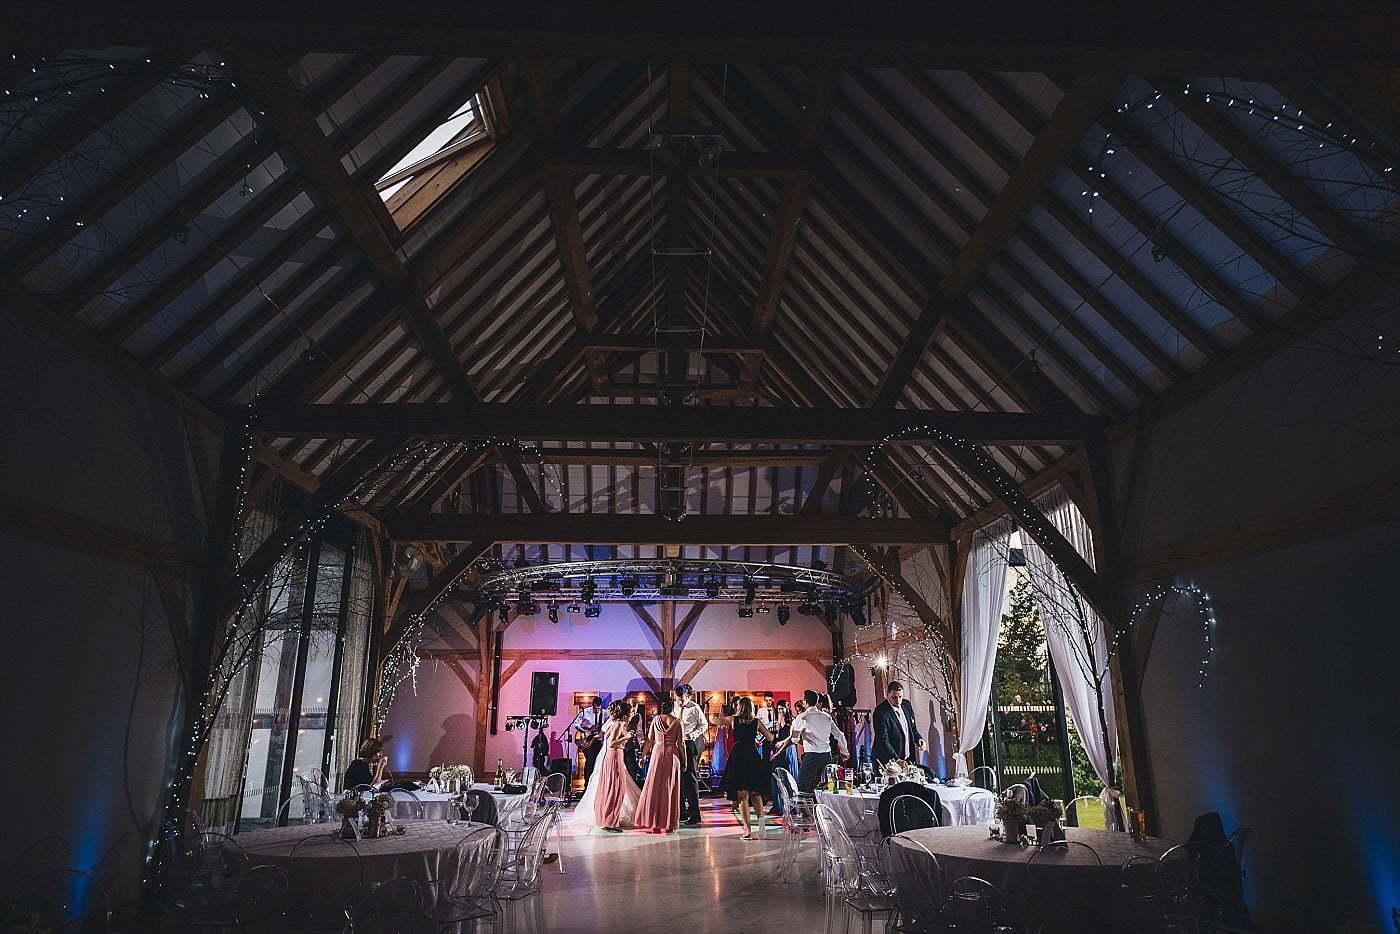 Redhouse Barn dance floor